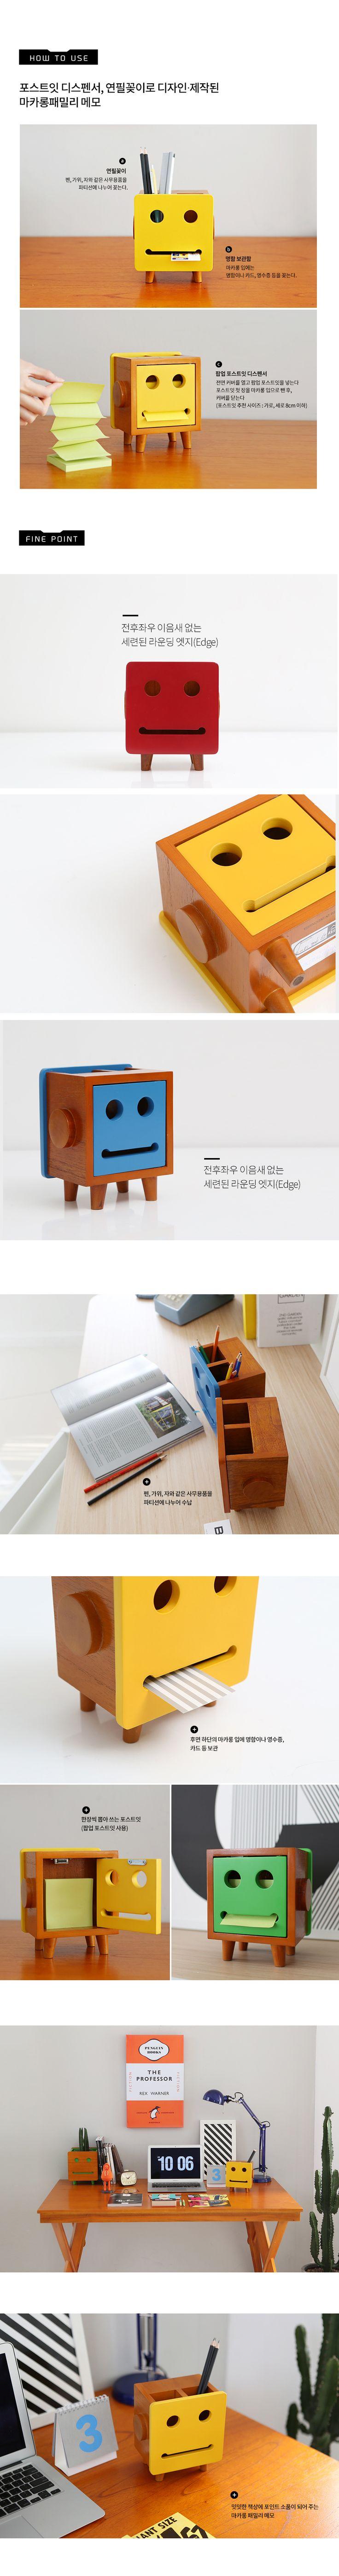 상품 페이지 디자인